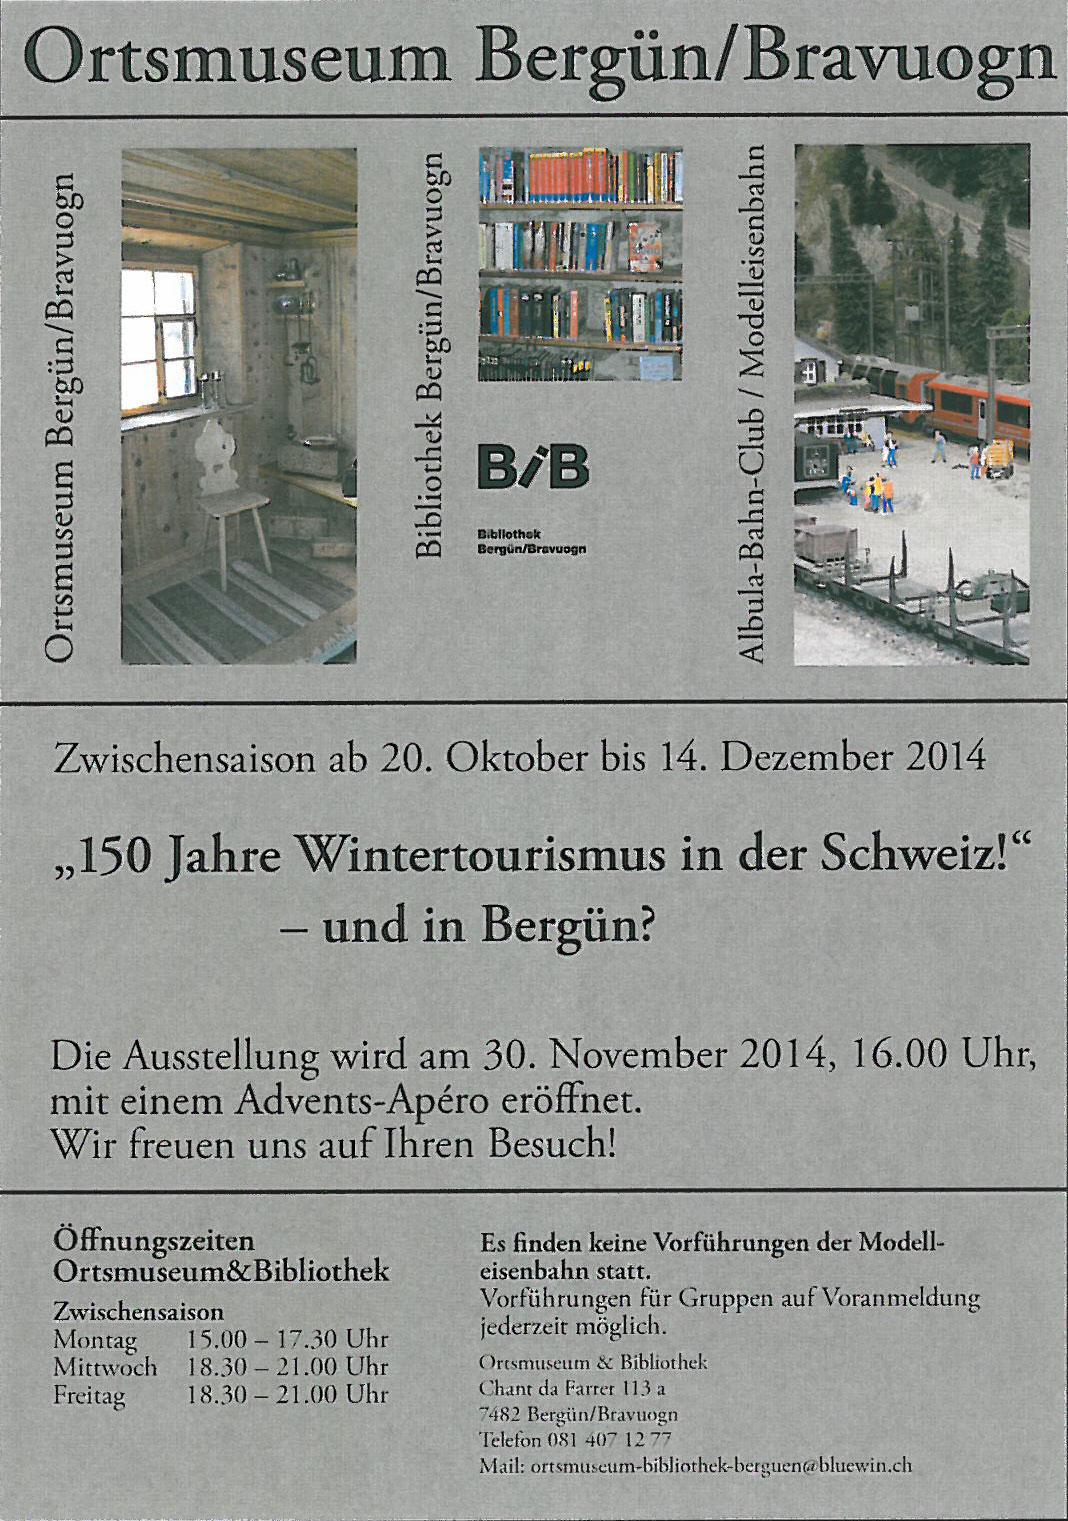 150 Jahre Wintertourismus in der Schweiz! - und in Berg�n?